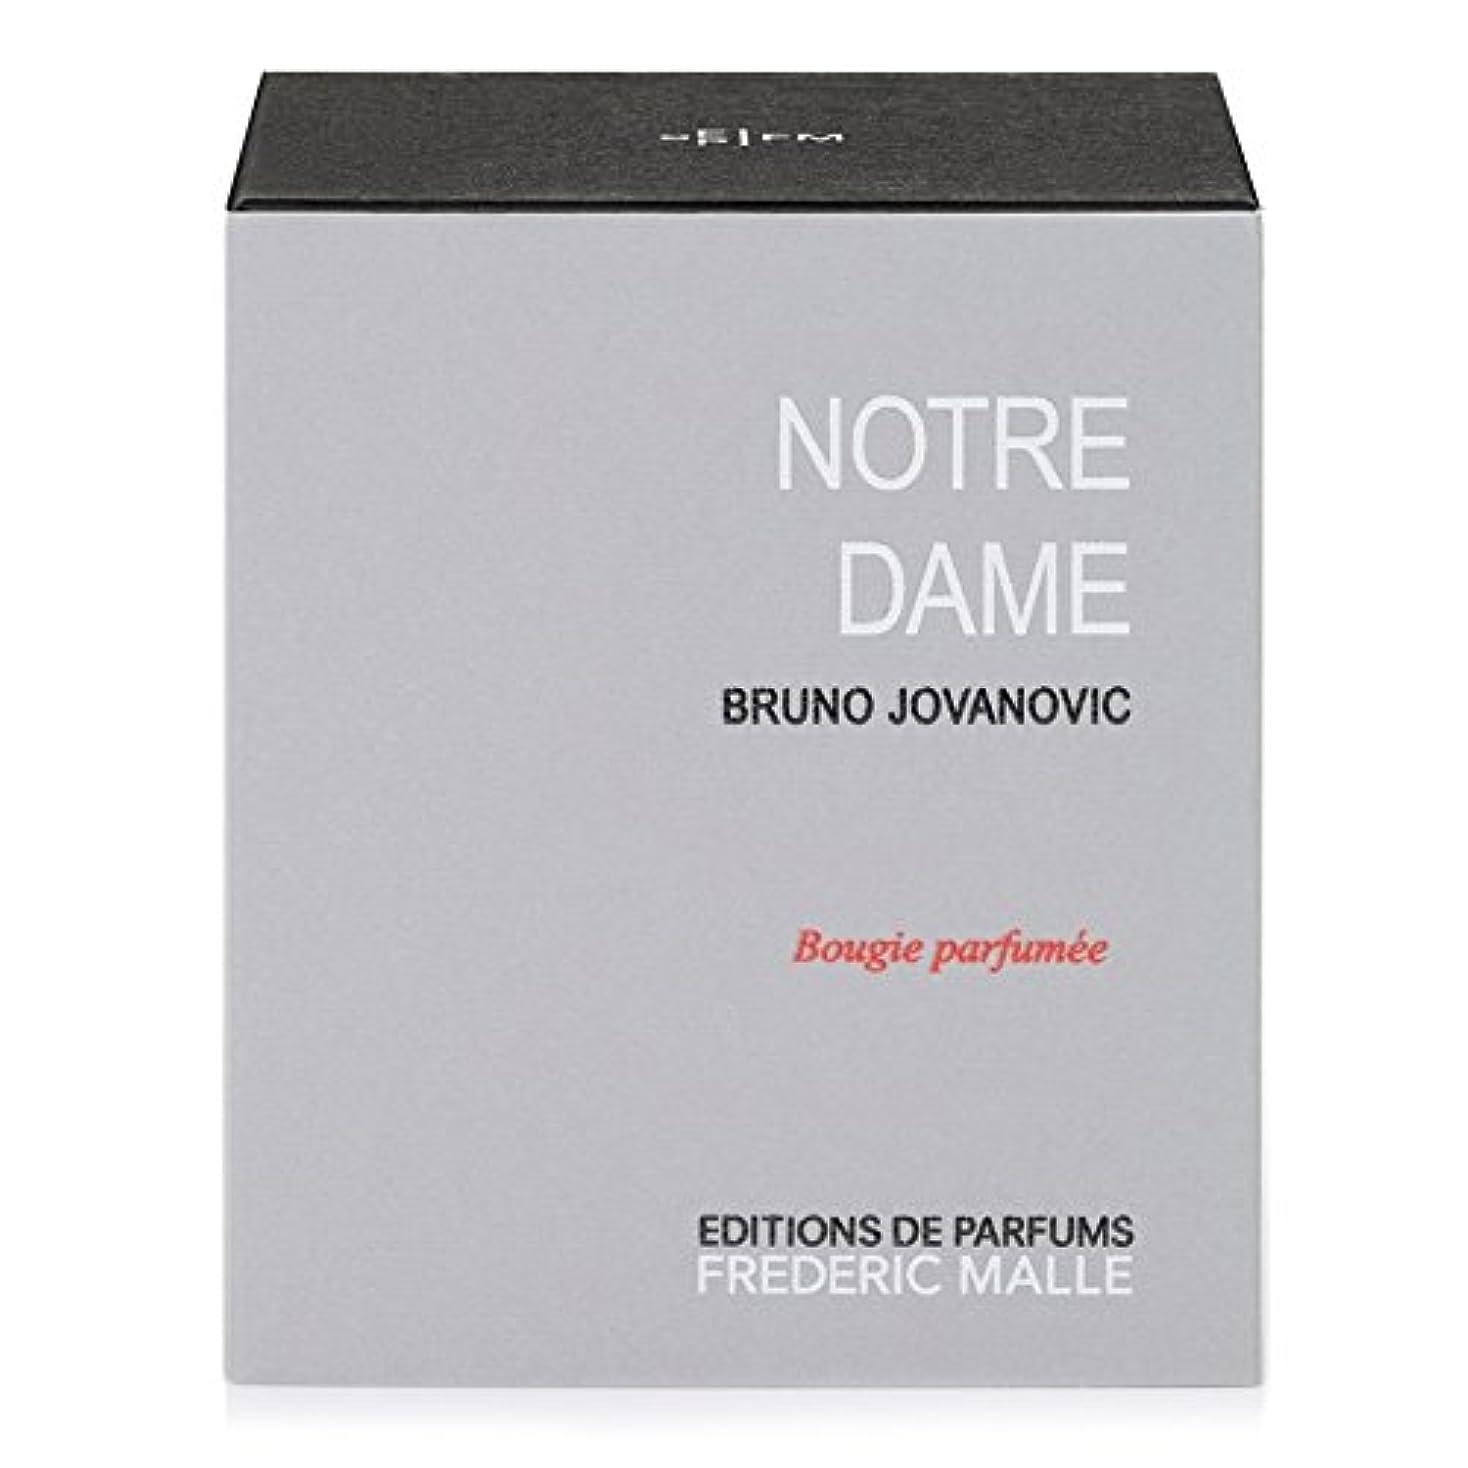 ペネロペリスク生きるFrederic Malle Notre Dame Scented Candle 220g (Pack of 2) - フレデリック?マルノートルダム香りのキャンドル220グラム x2 [並行輸入品]